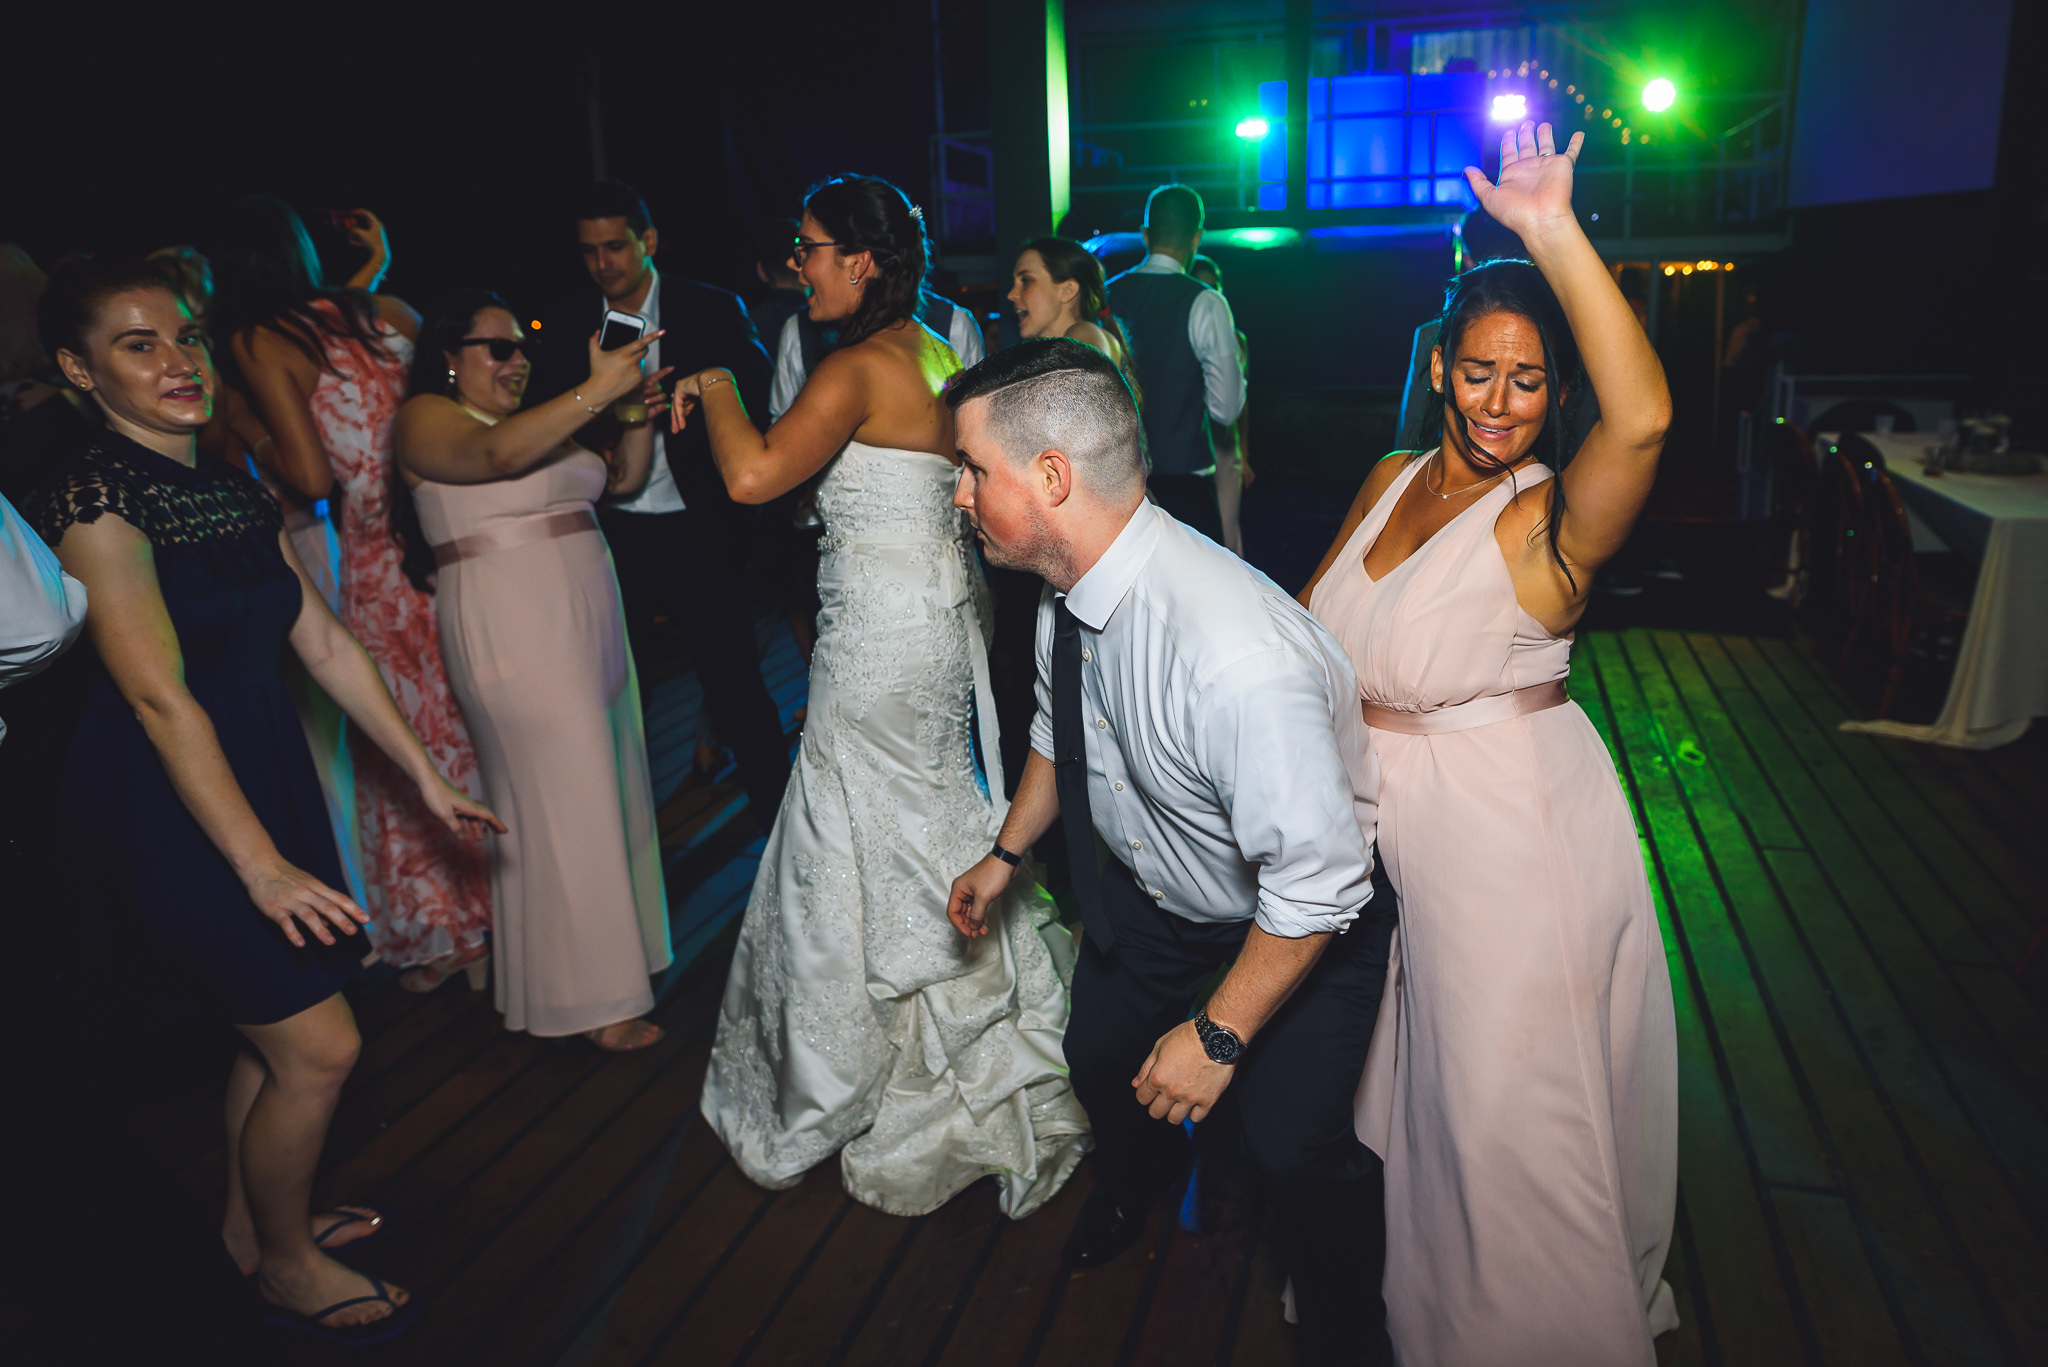 Moshulu-Wedding-Photographer-0074.jpg